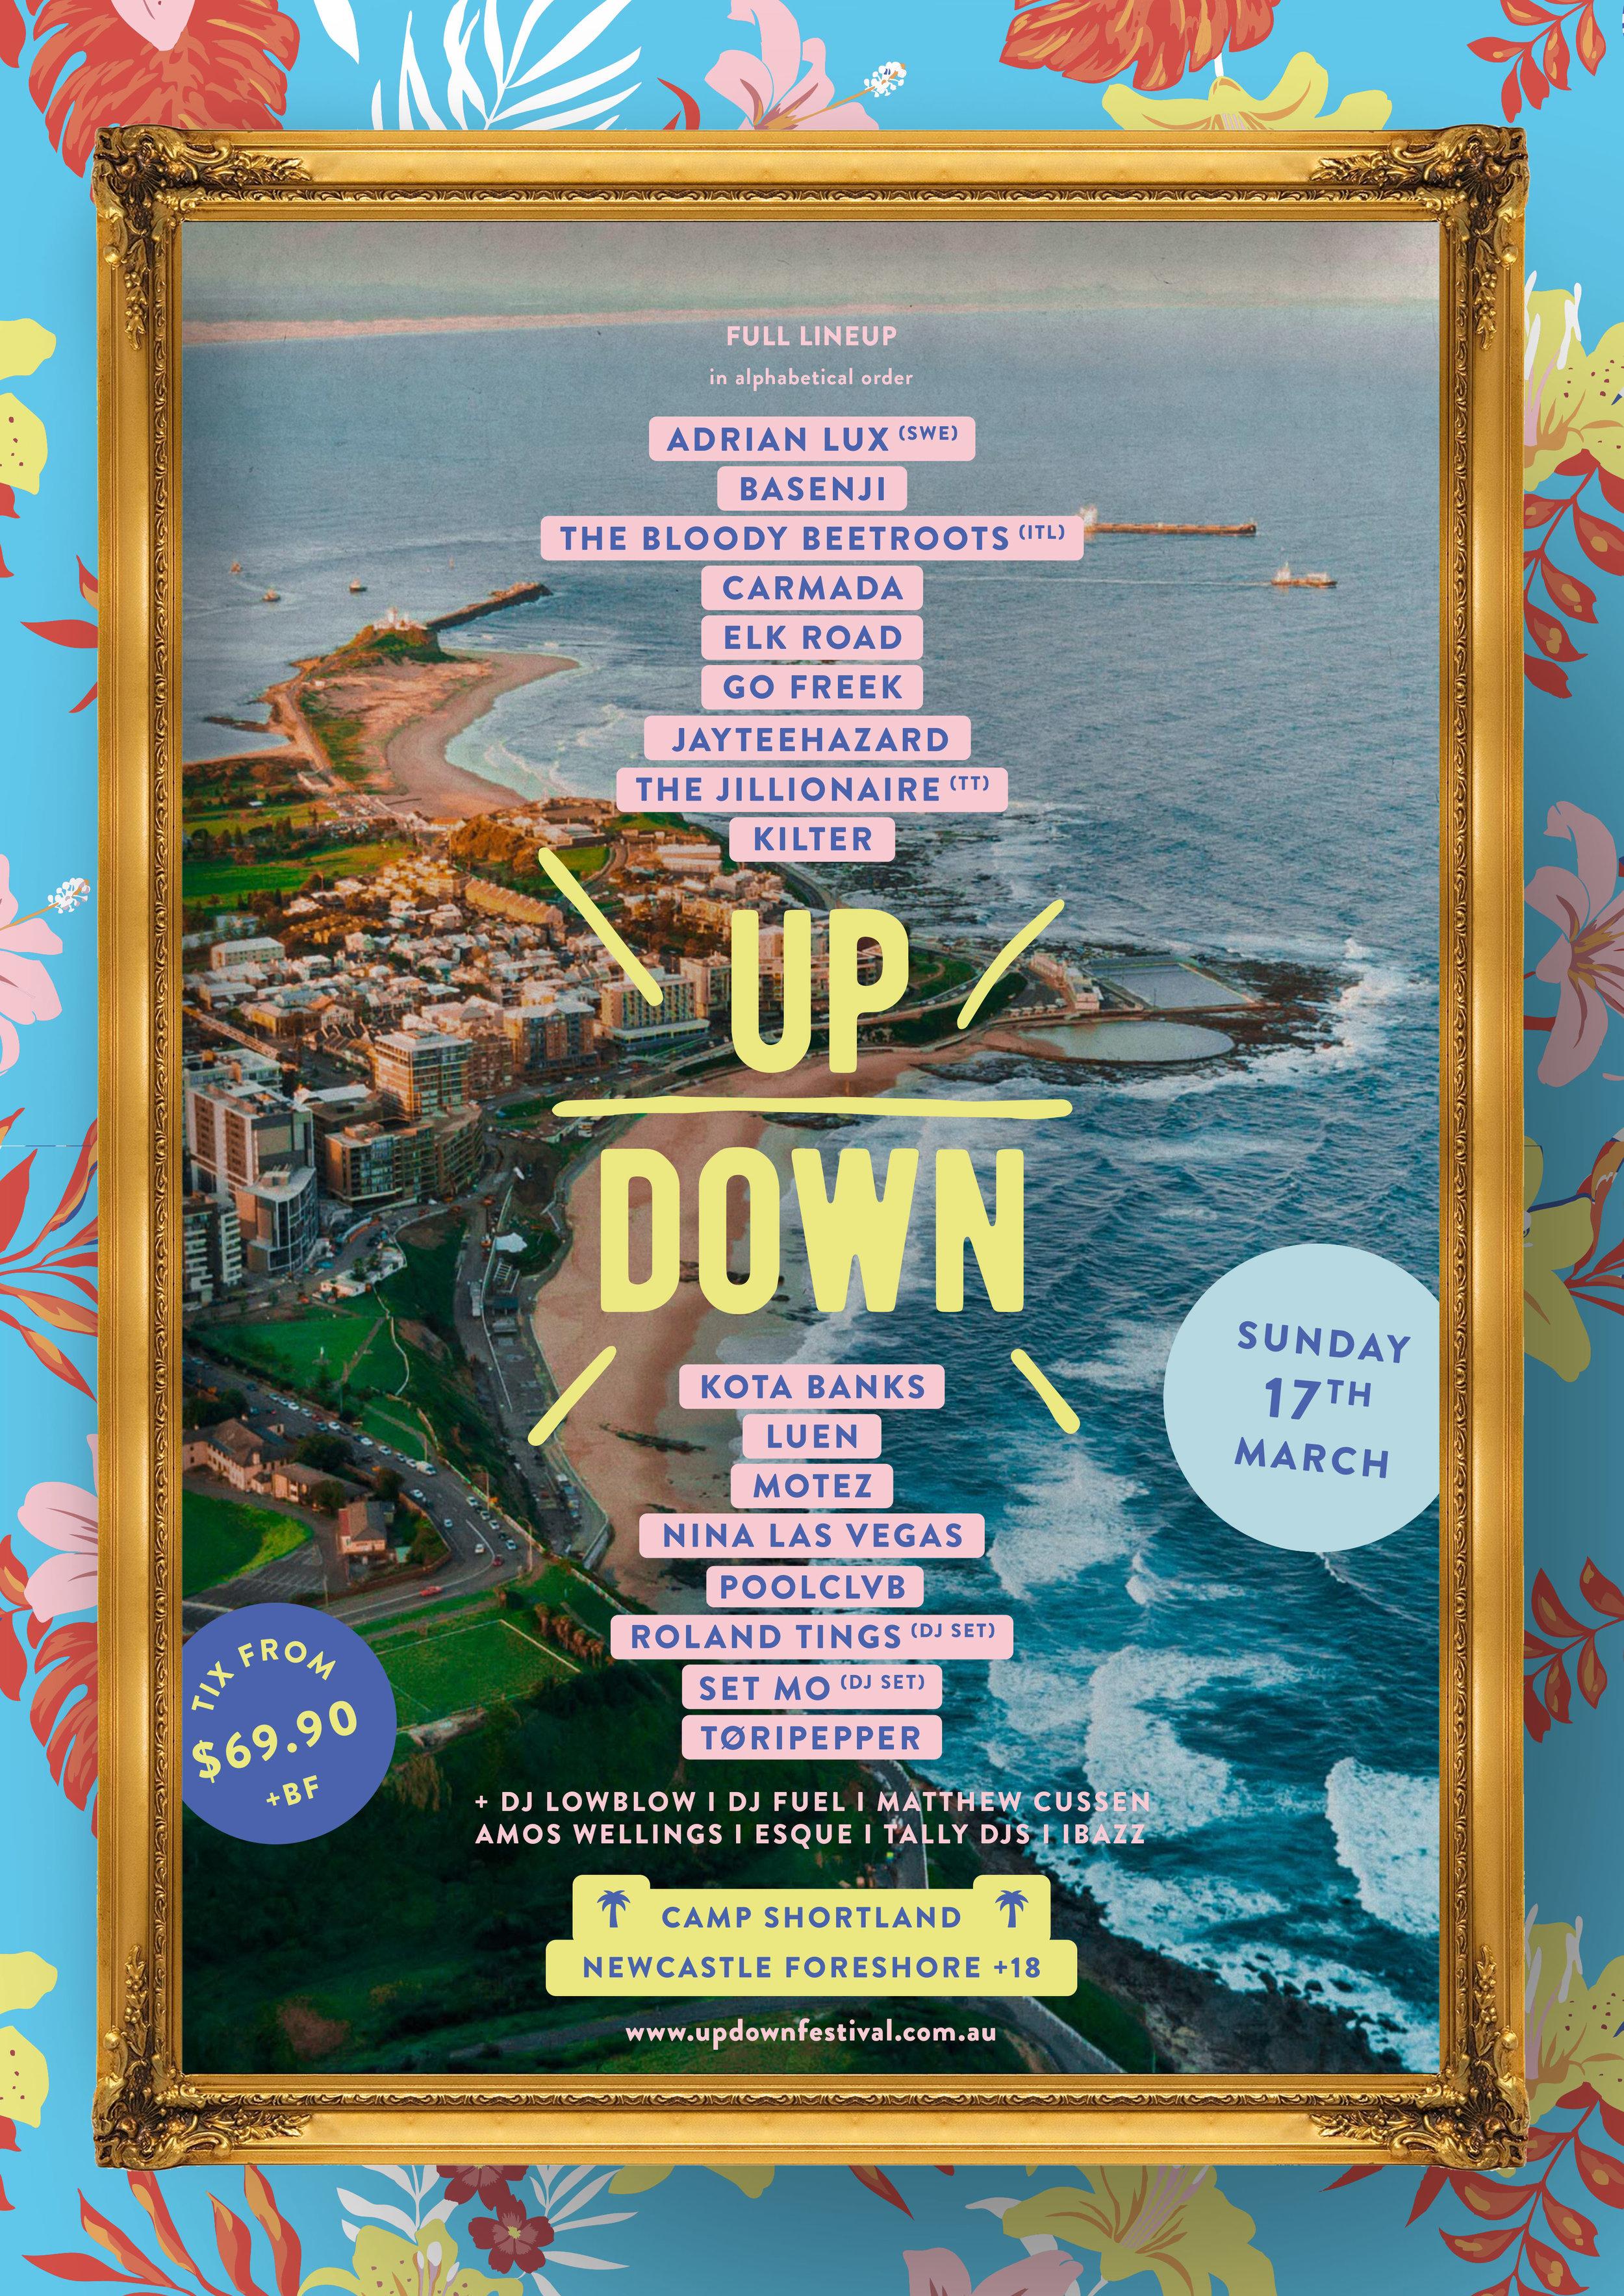 R4-UpDown-Full-Line-Up.jpg